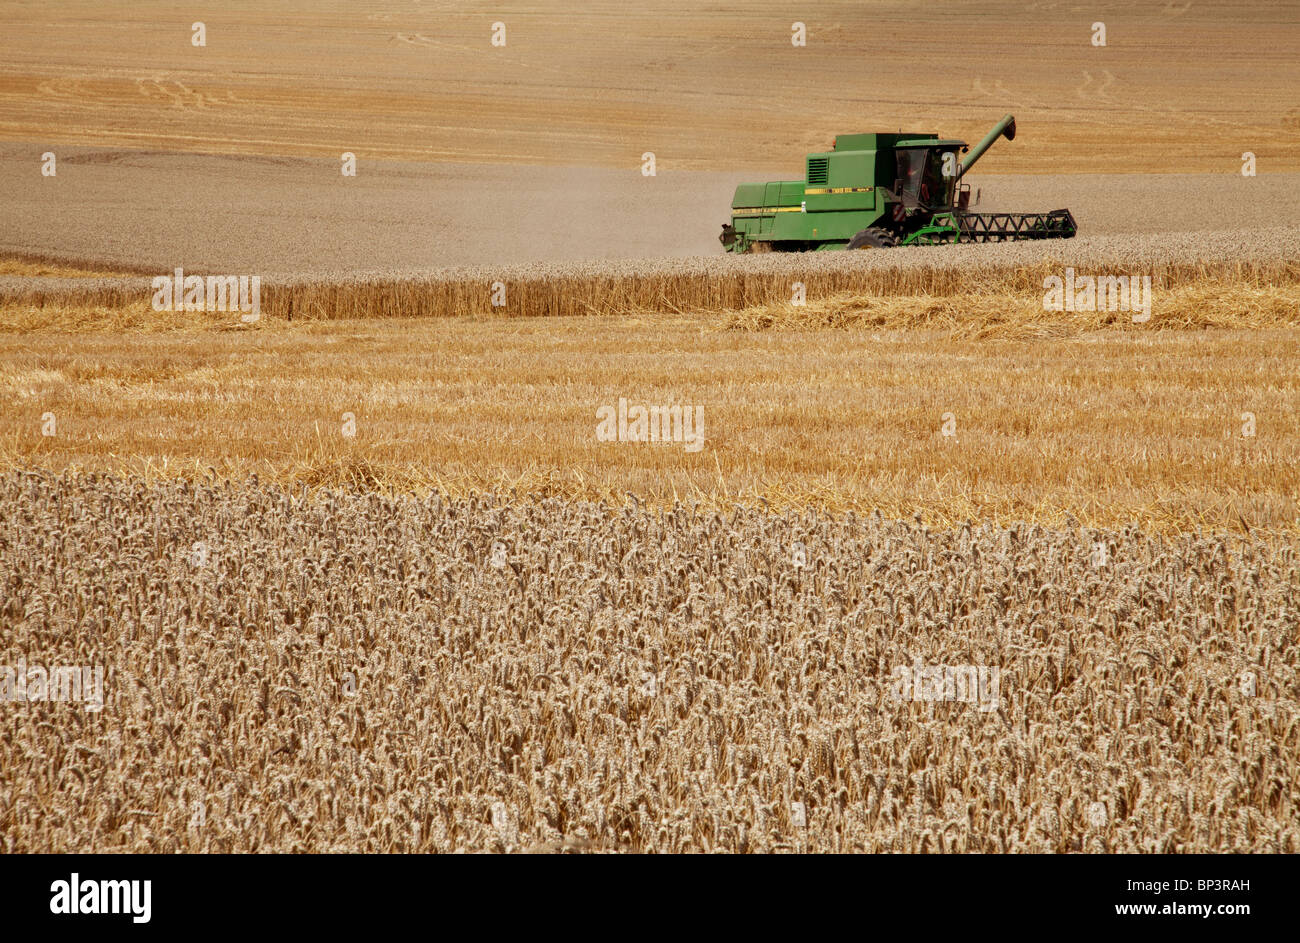 La cosecha de trigo Imagen De Stock